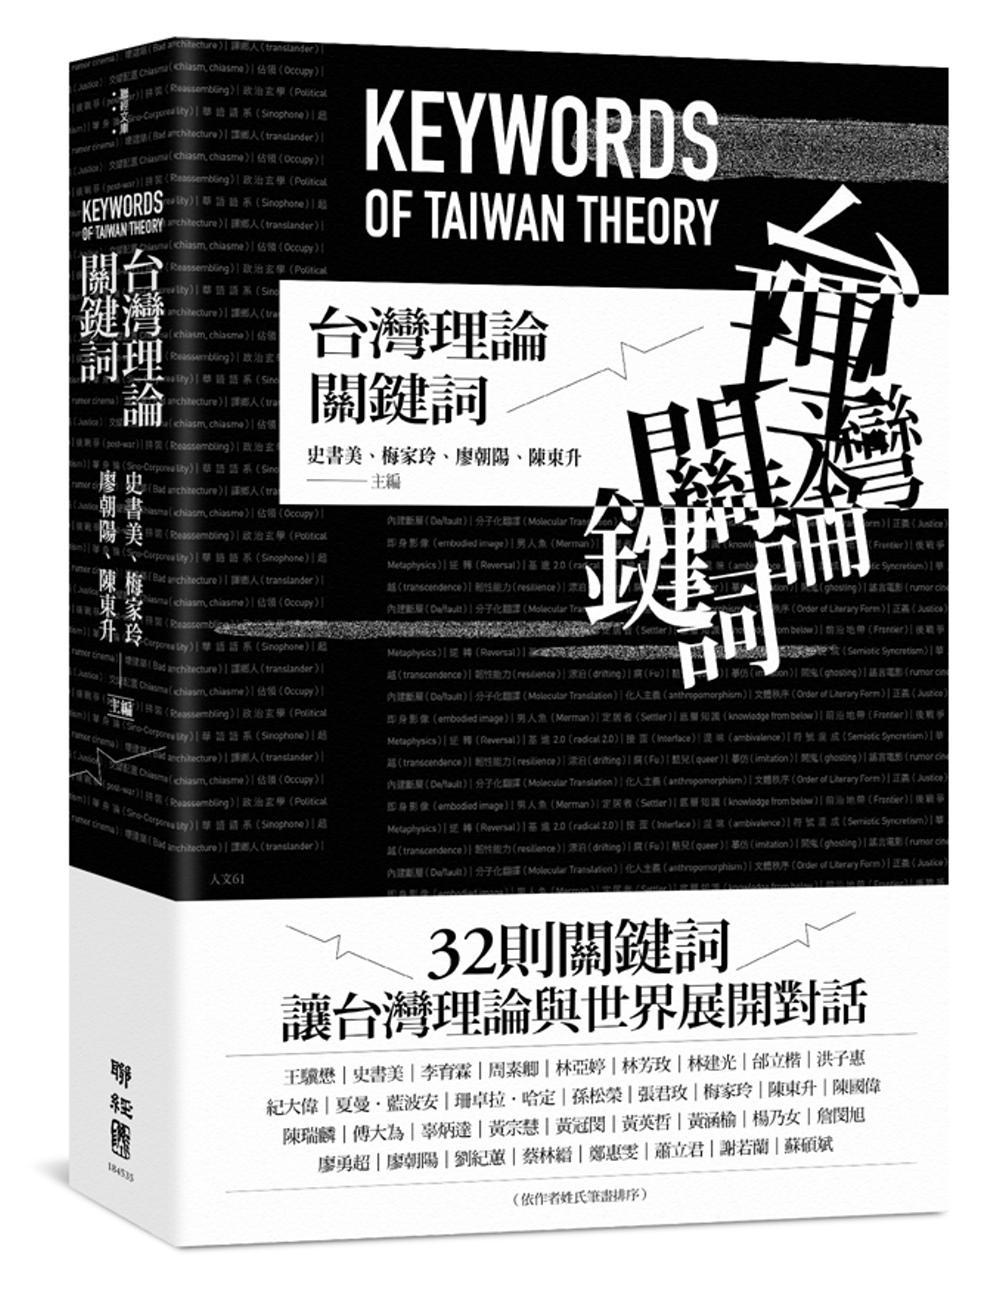 台灣理論關鍵詞